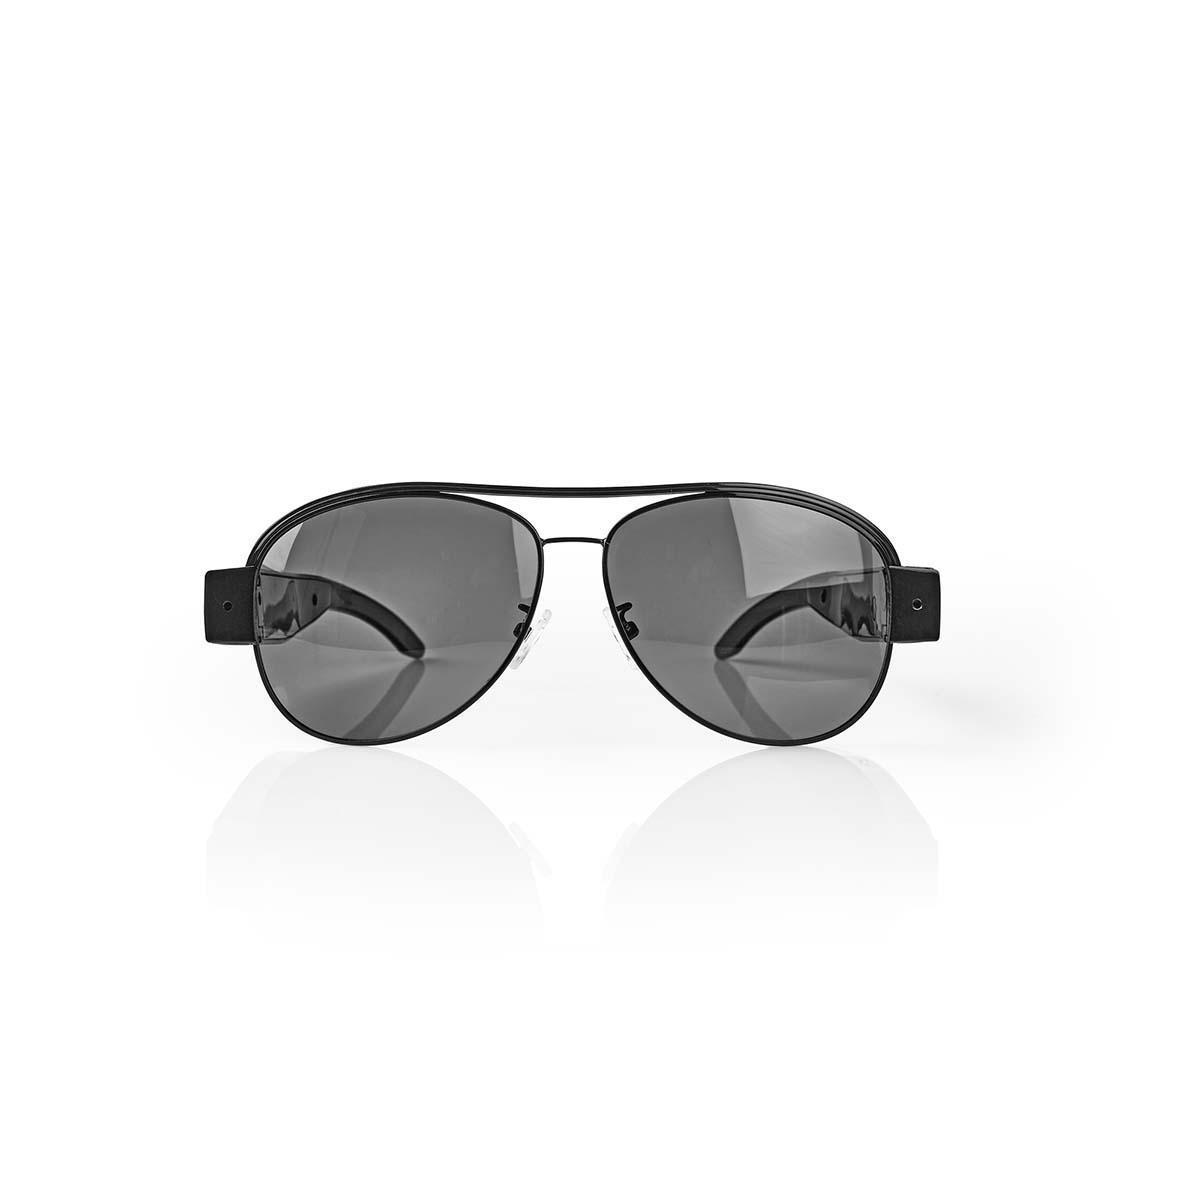 Óculos de sol com câmera integrada | Vídeo 1920x1080 | 4032x3024 fotos | Recarregável Coloque estes óculos de sol com uma câmera escondida e faça fotos discretas. Os óculos de sol não são apenas ideais como uma câmera de espionagem, mas também podem ser u